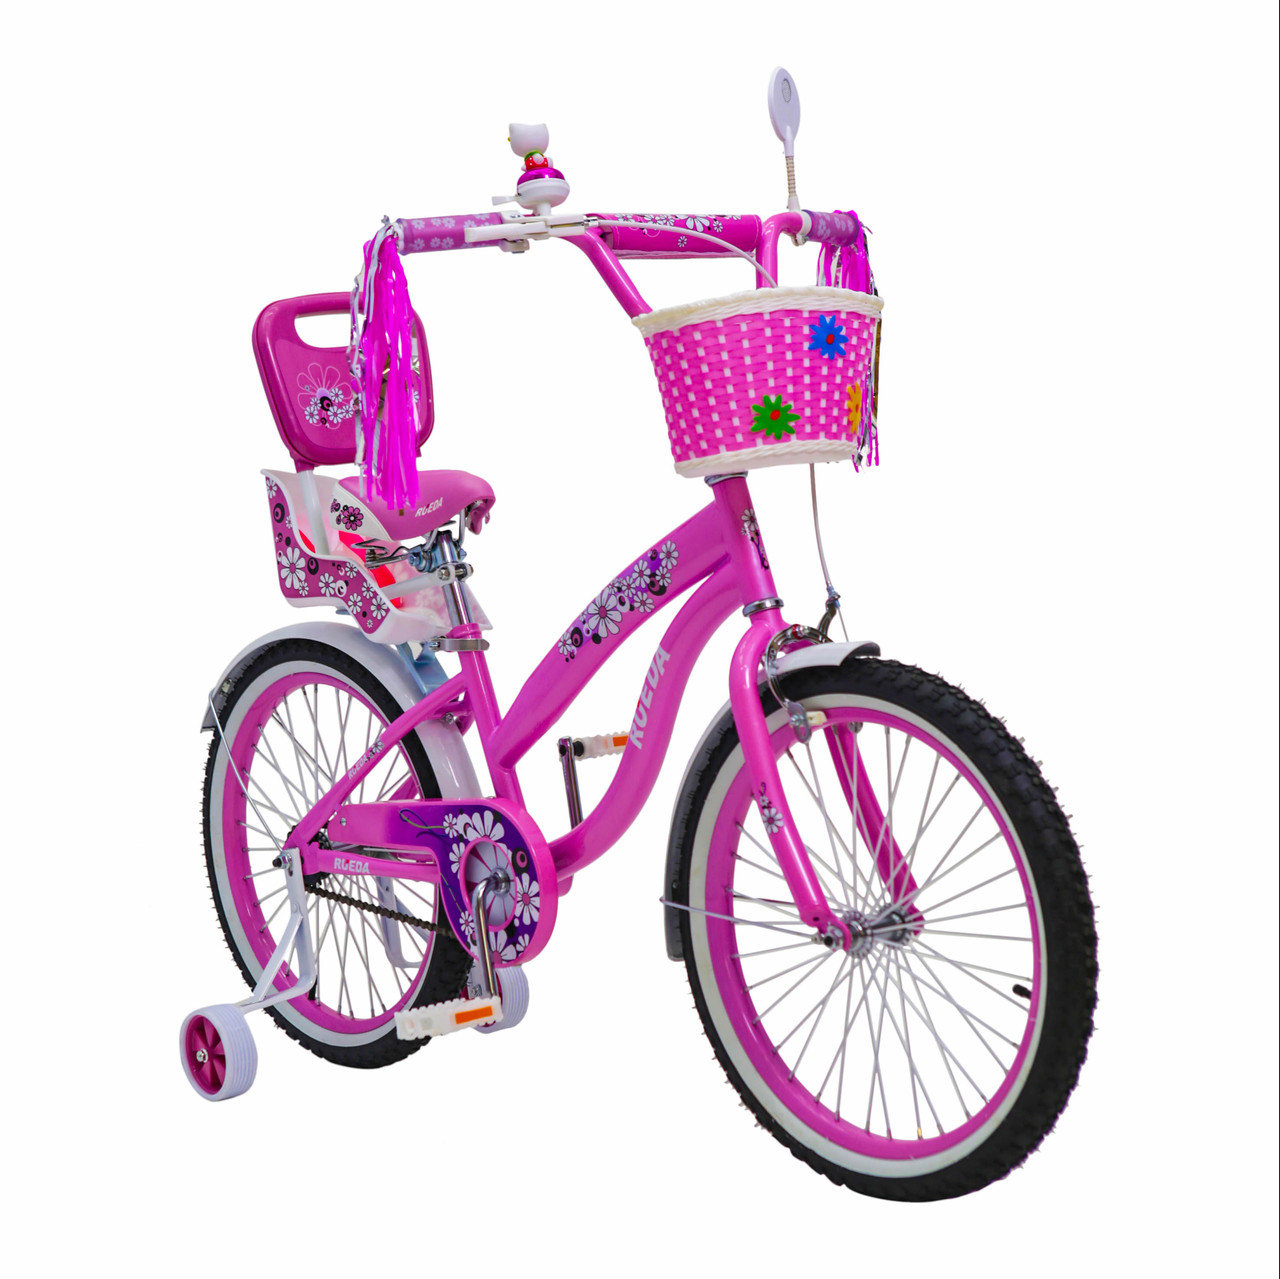 Іспанська дитячий рожевий велосипед з кошиком RUEDA 20 дюймів (Квіточка) від 10 років